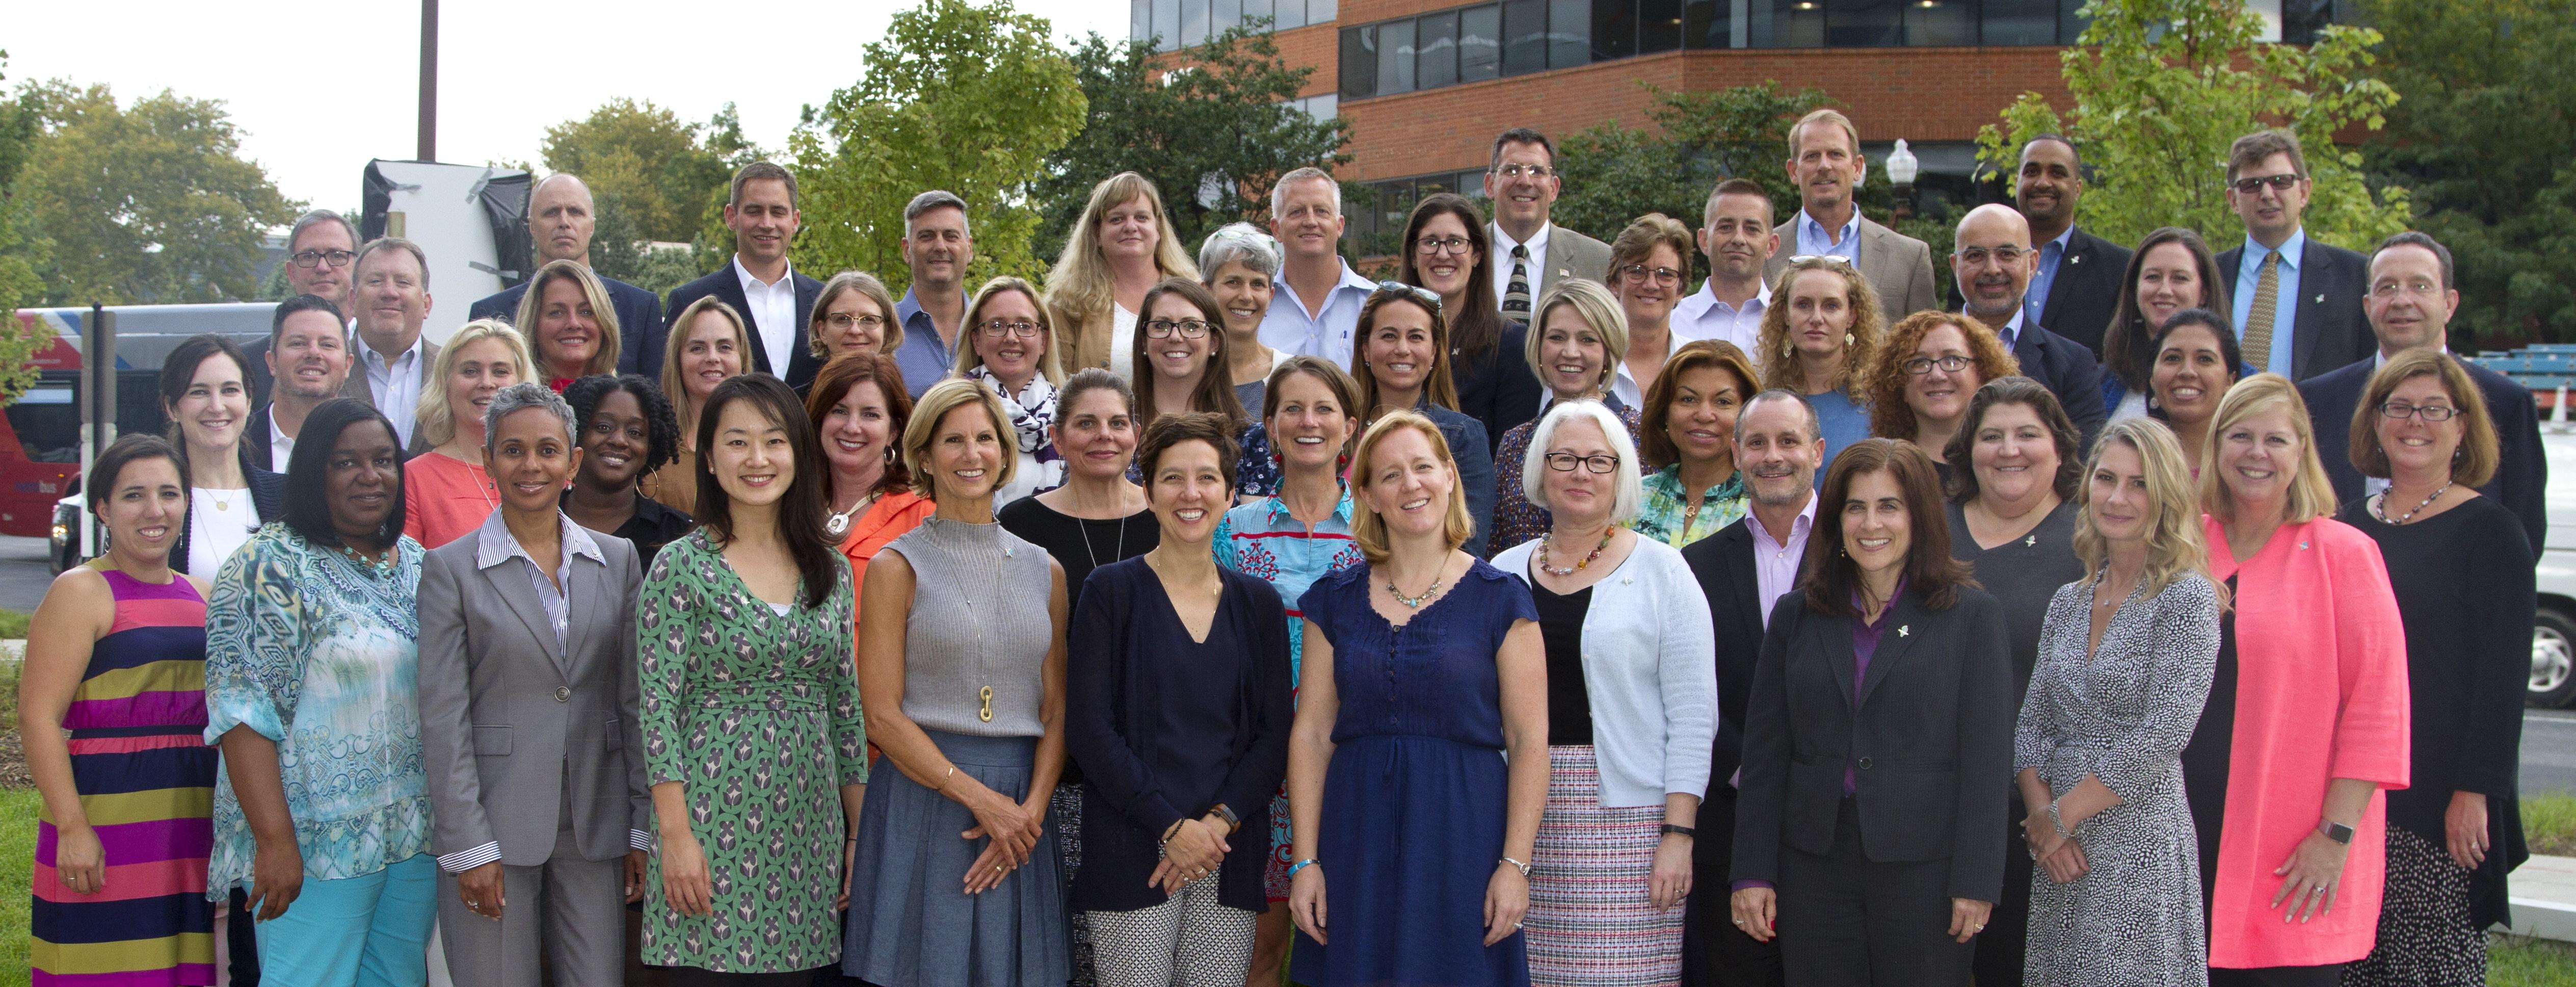 Leadership Arlington Class